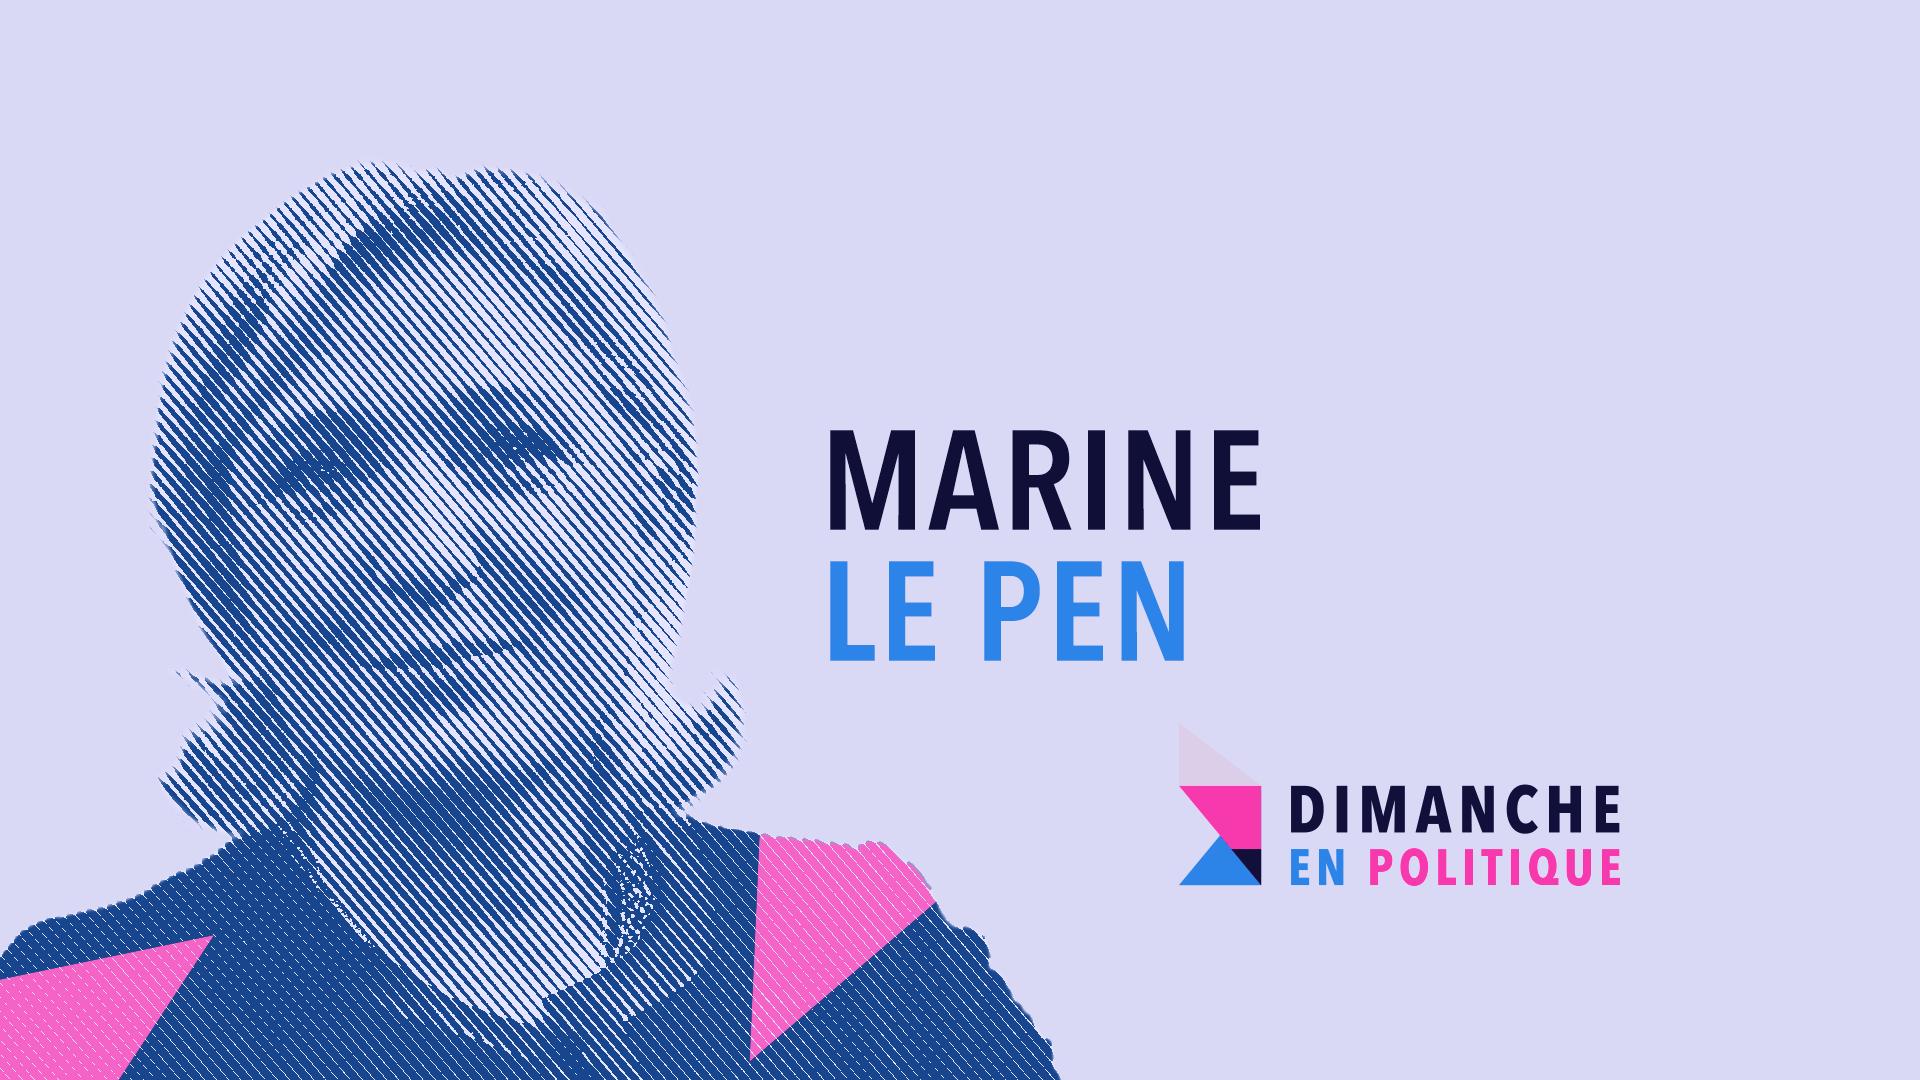 DIMANCHE EN POLITIQUE SUR FRANCE 3 N°48 : MARINE LE PEN